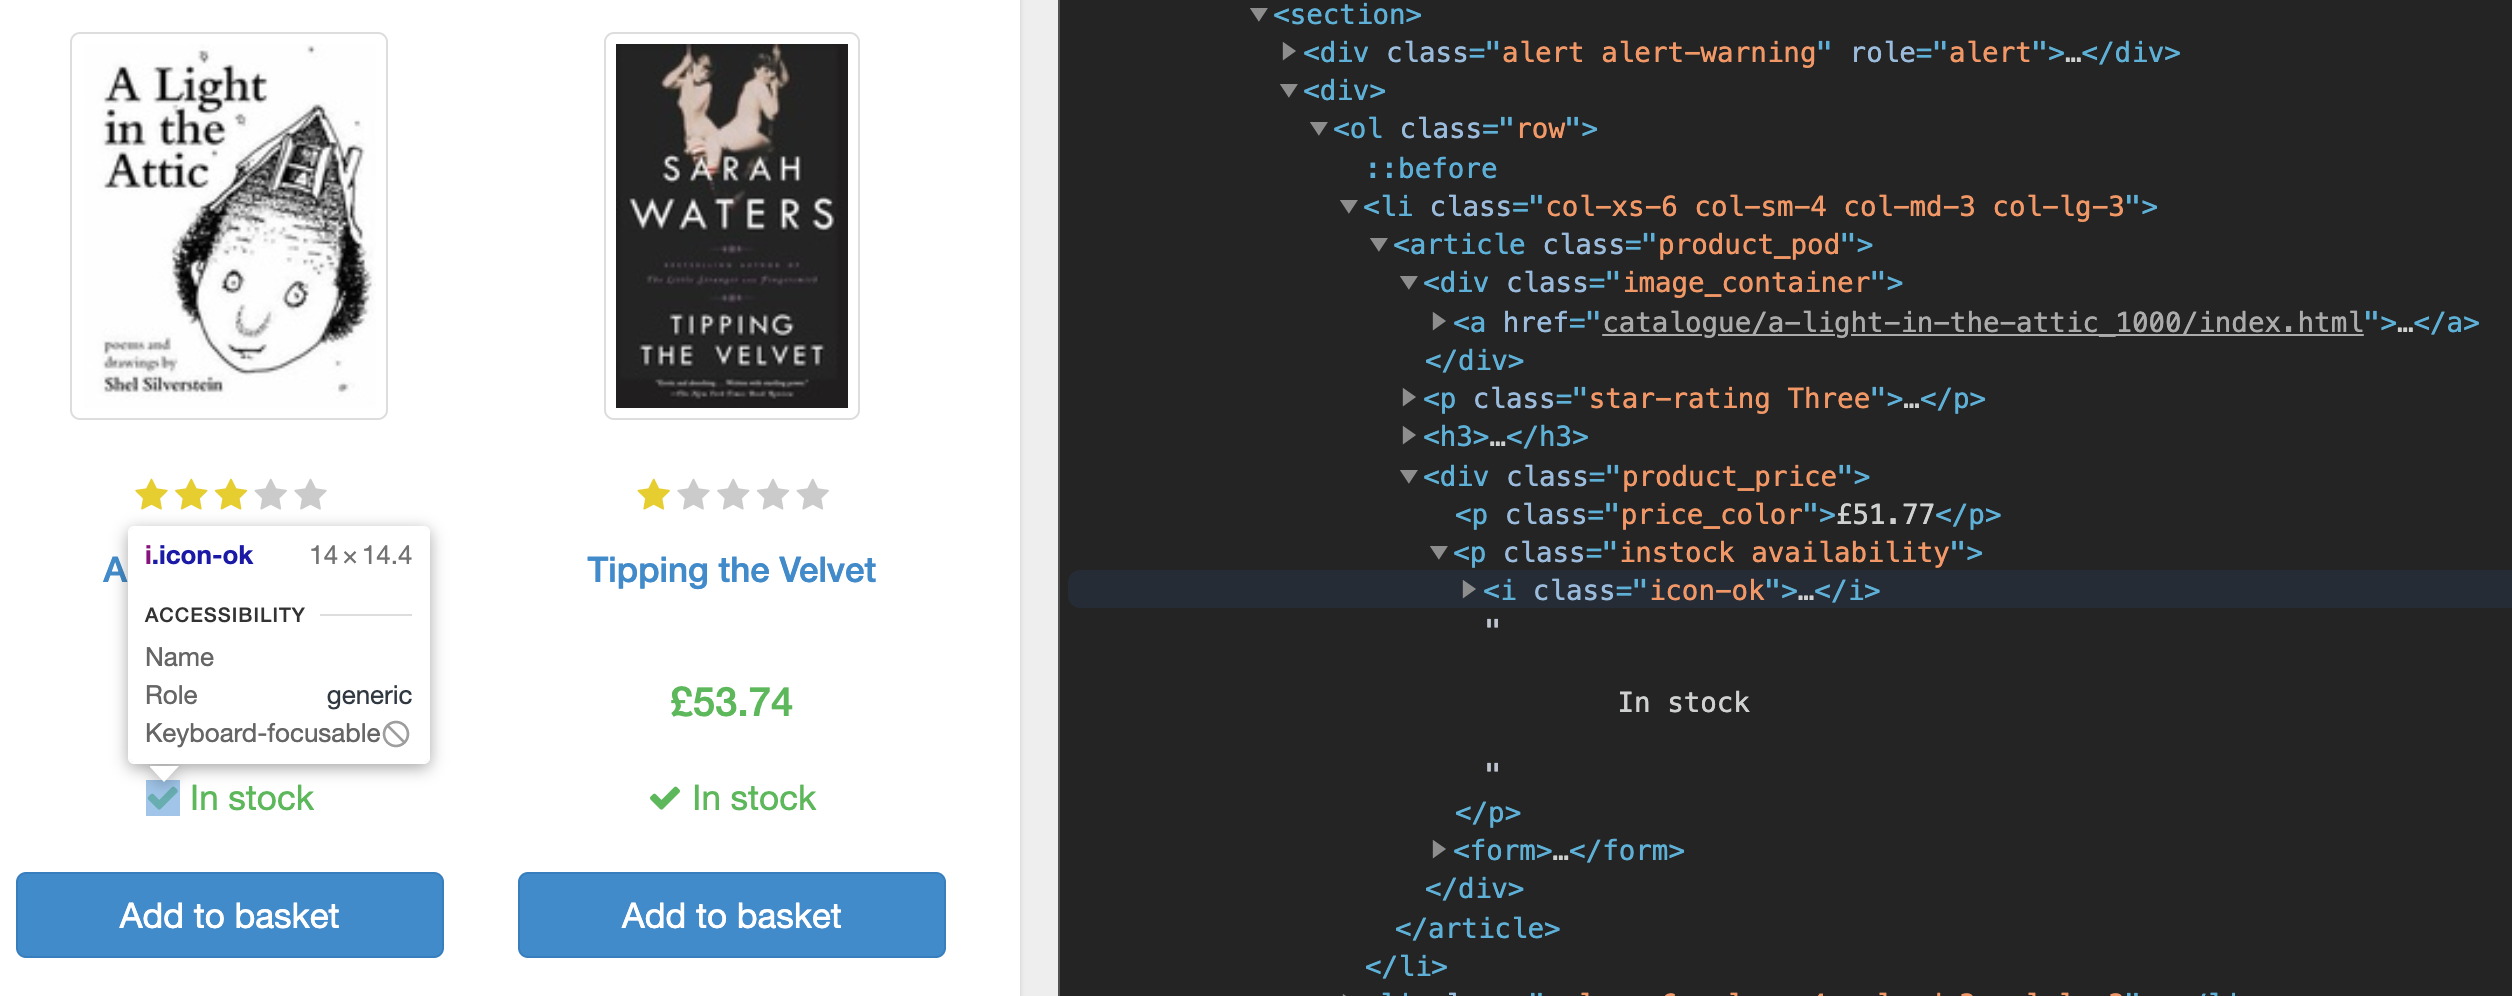 Vista del código fuente de books.to.scrape con herramientas de desarrollo